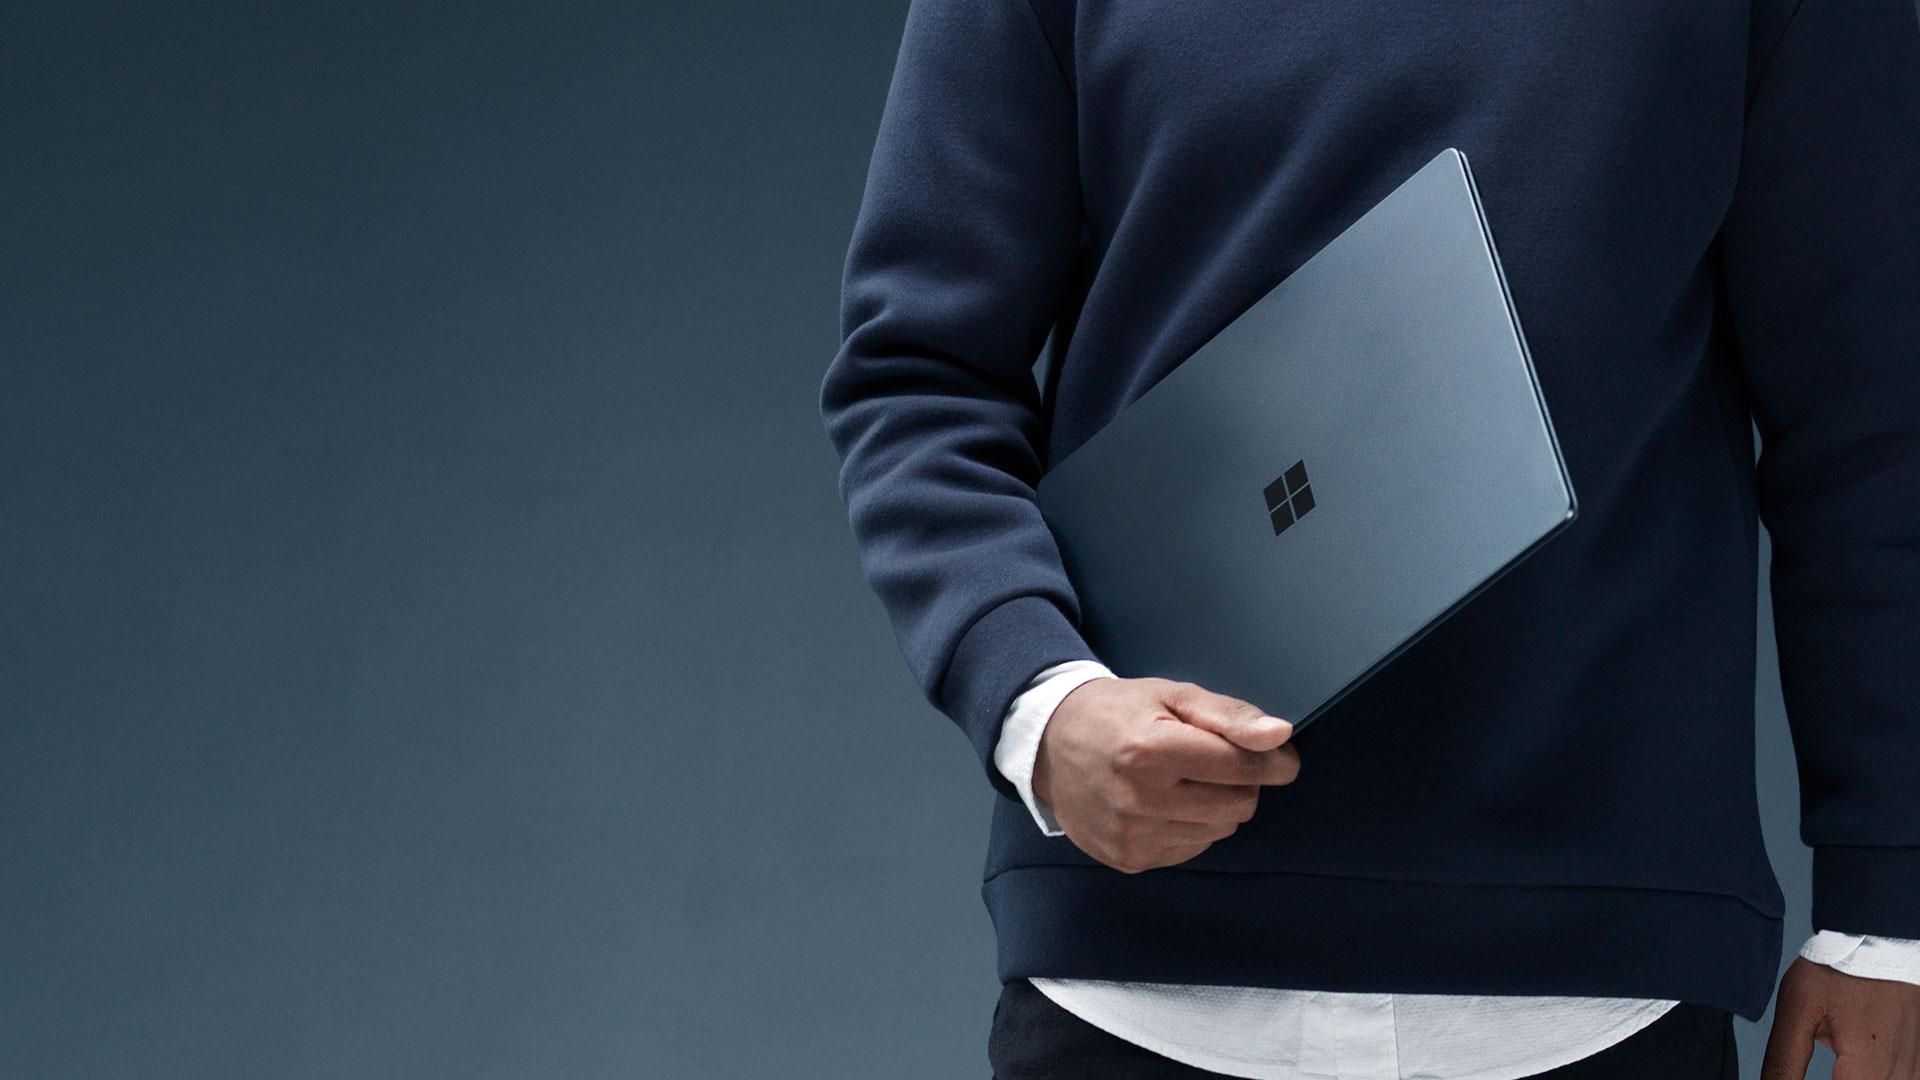 Mann mit Surface Laptop in Kobalt Blau